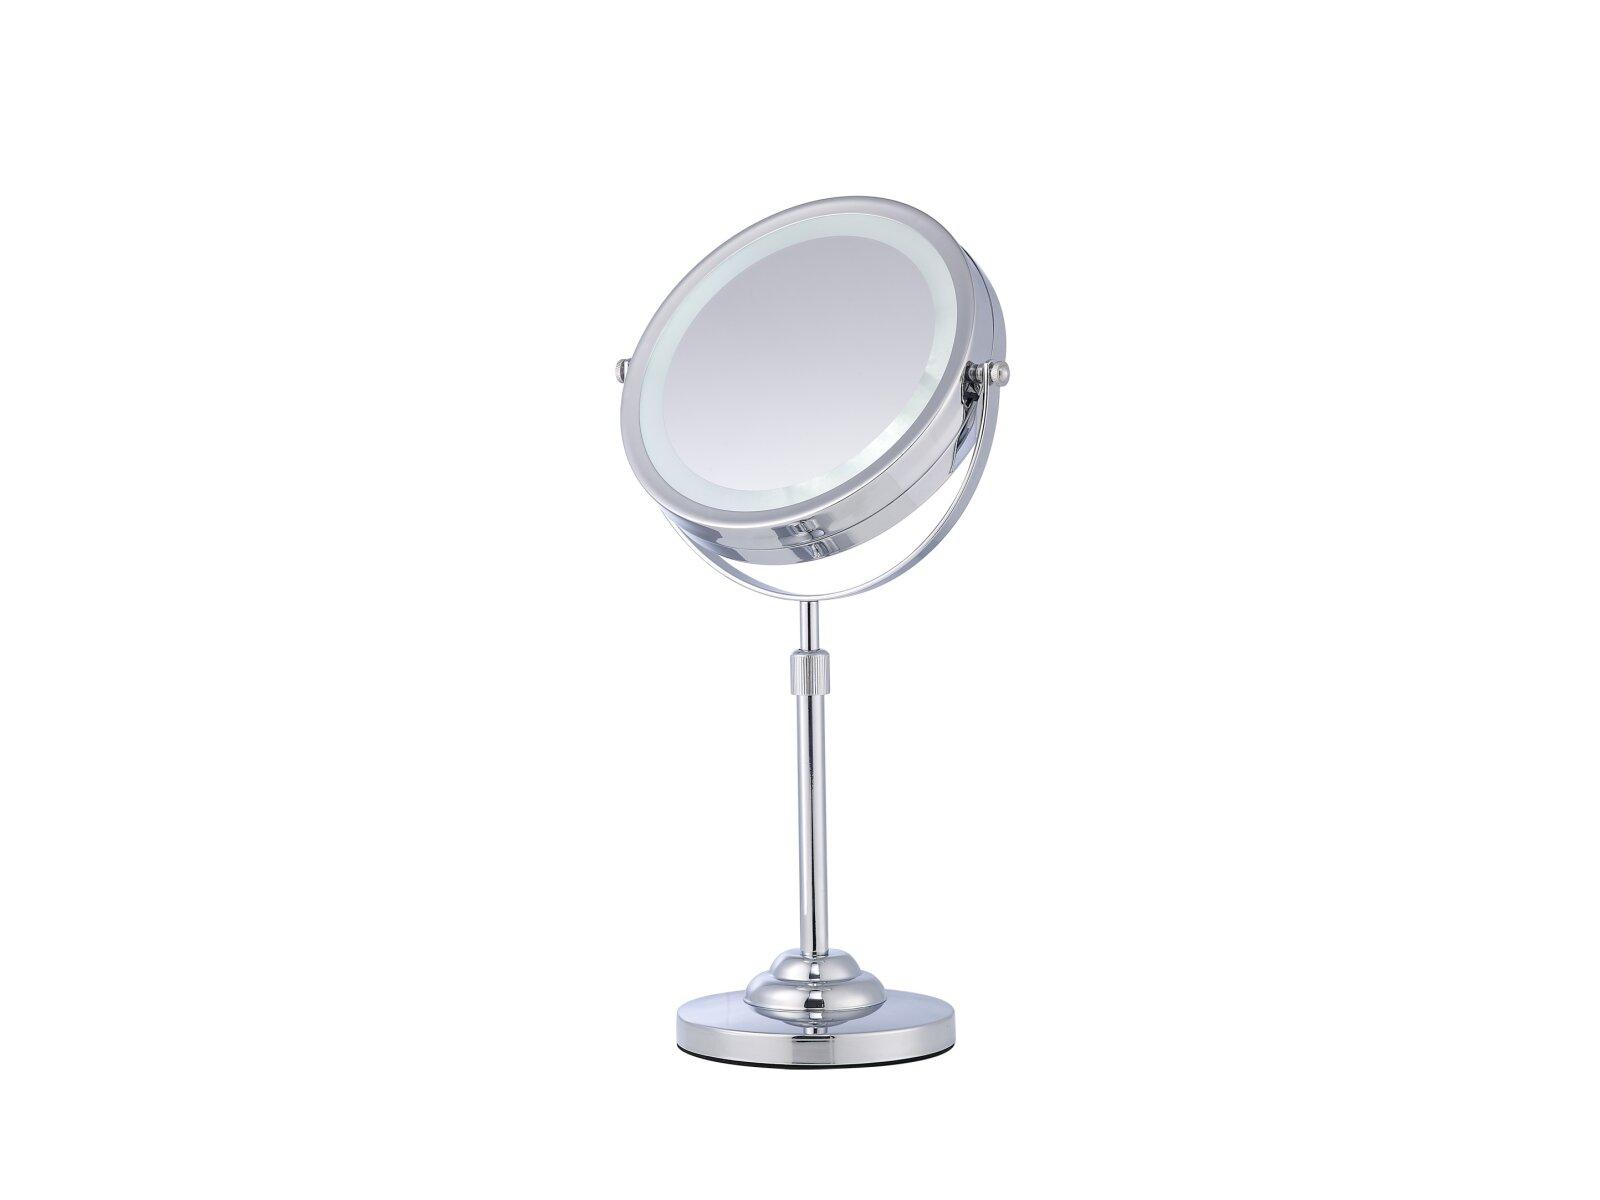 Specchio cosmetico ingranditore da tavolo con luce corby hospitality - Specchio ingranditore con luce ...